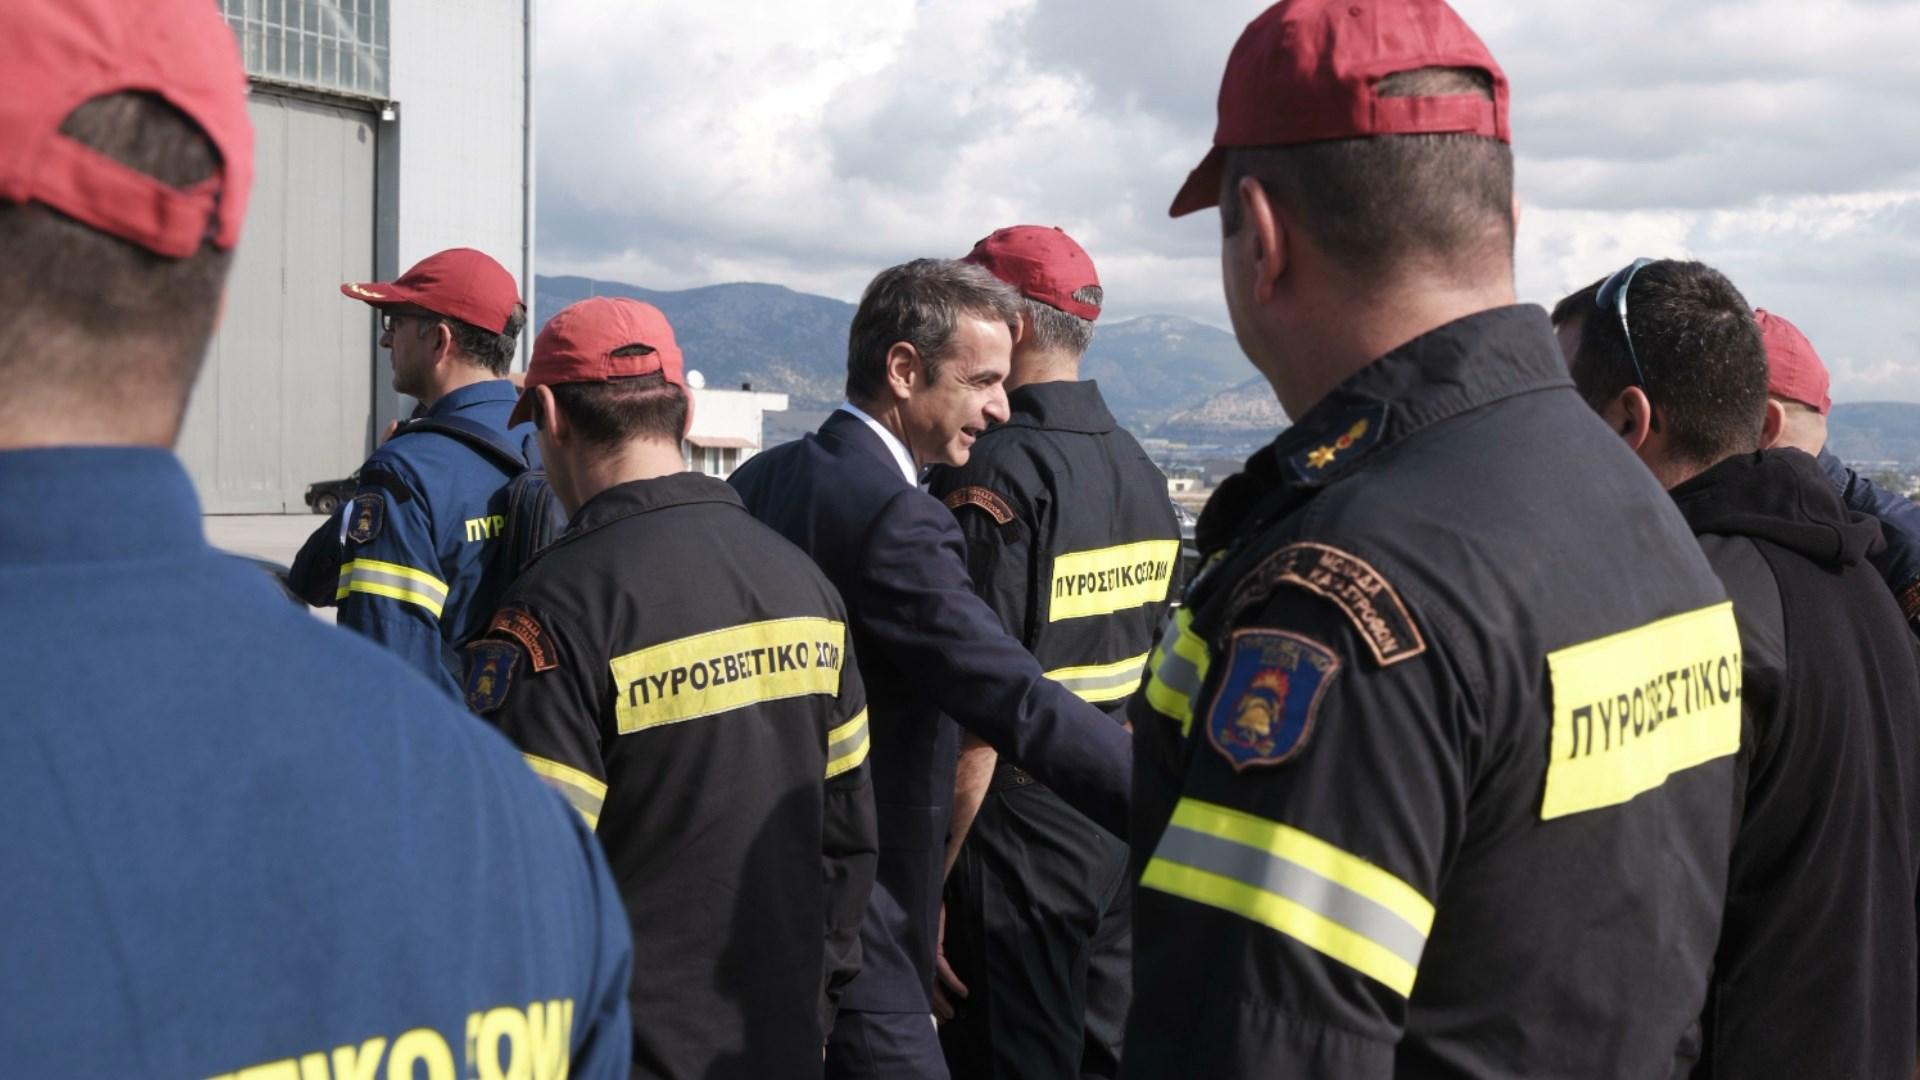 Mitsotakis: Uroj të lëvizim shpejt dhe të shpëtojmë jetë njerëzish